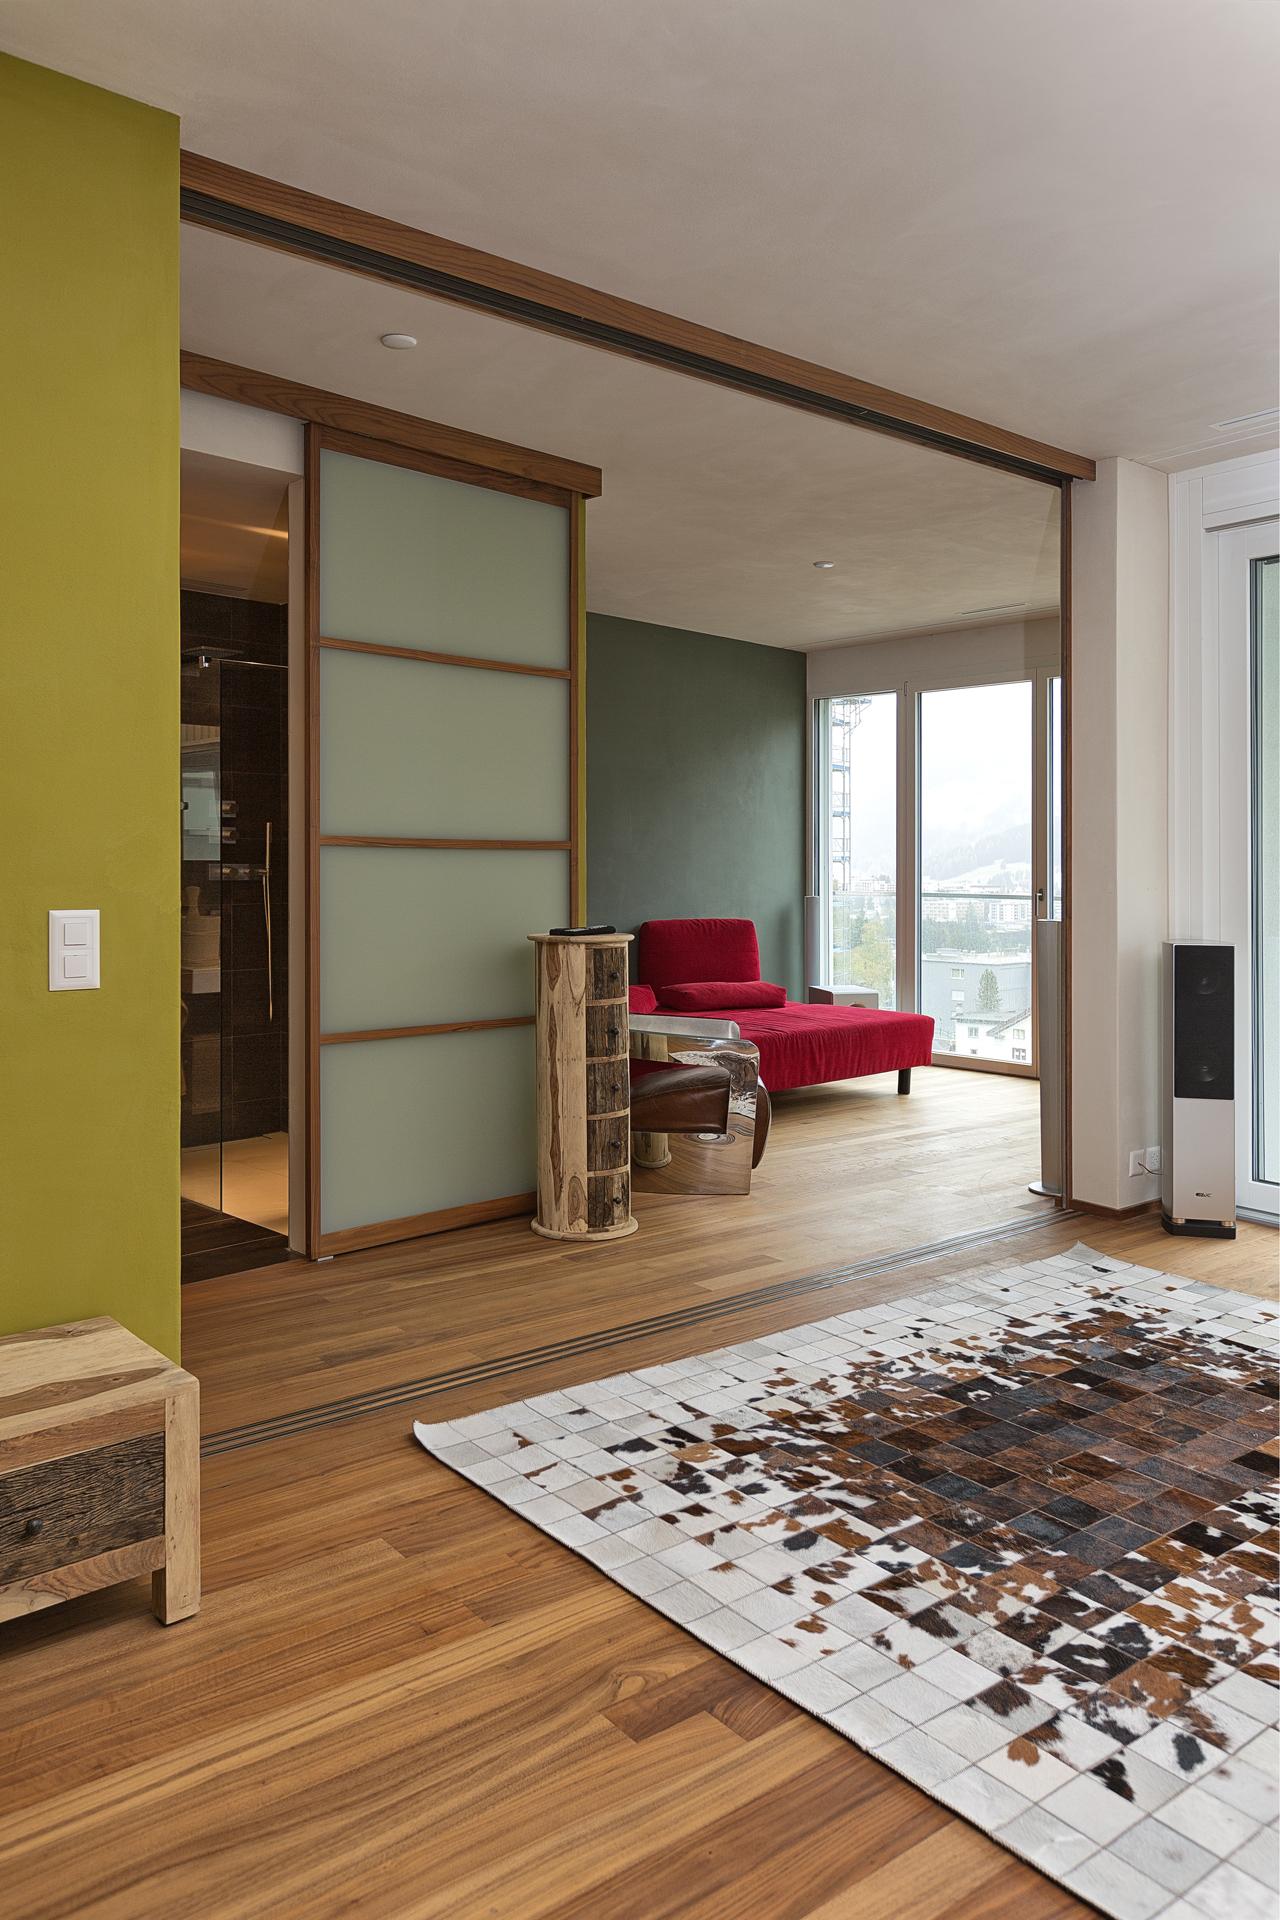 raumteiler wand swalif. Black Bedroom Furniture Sets. Home Design Ideas